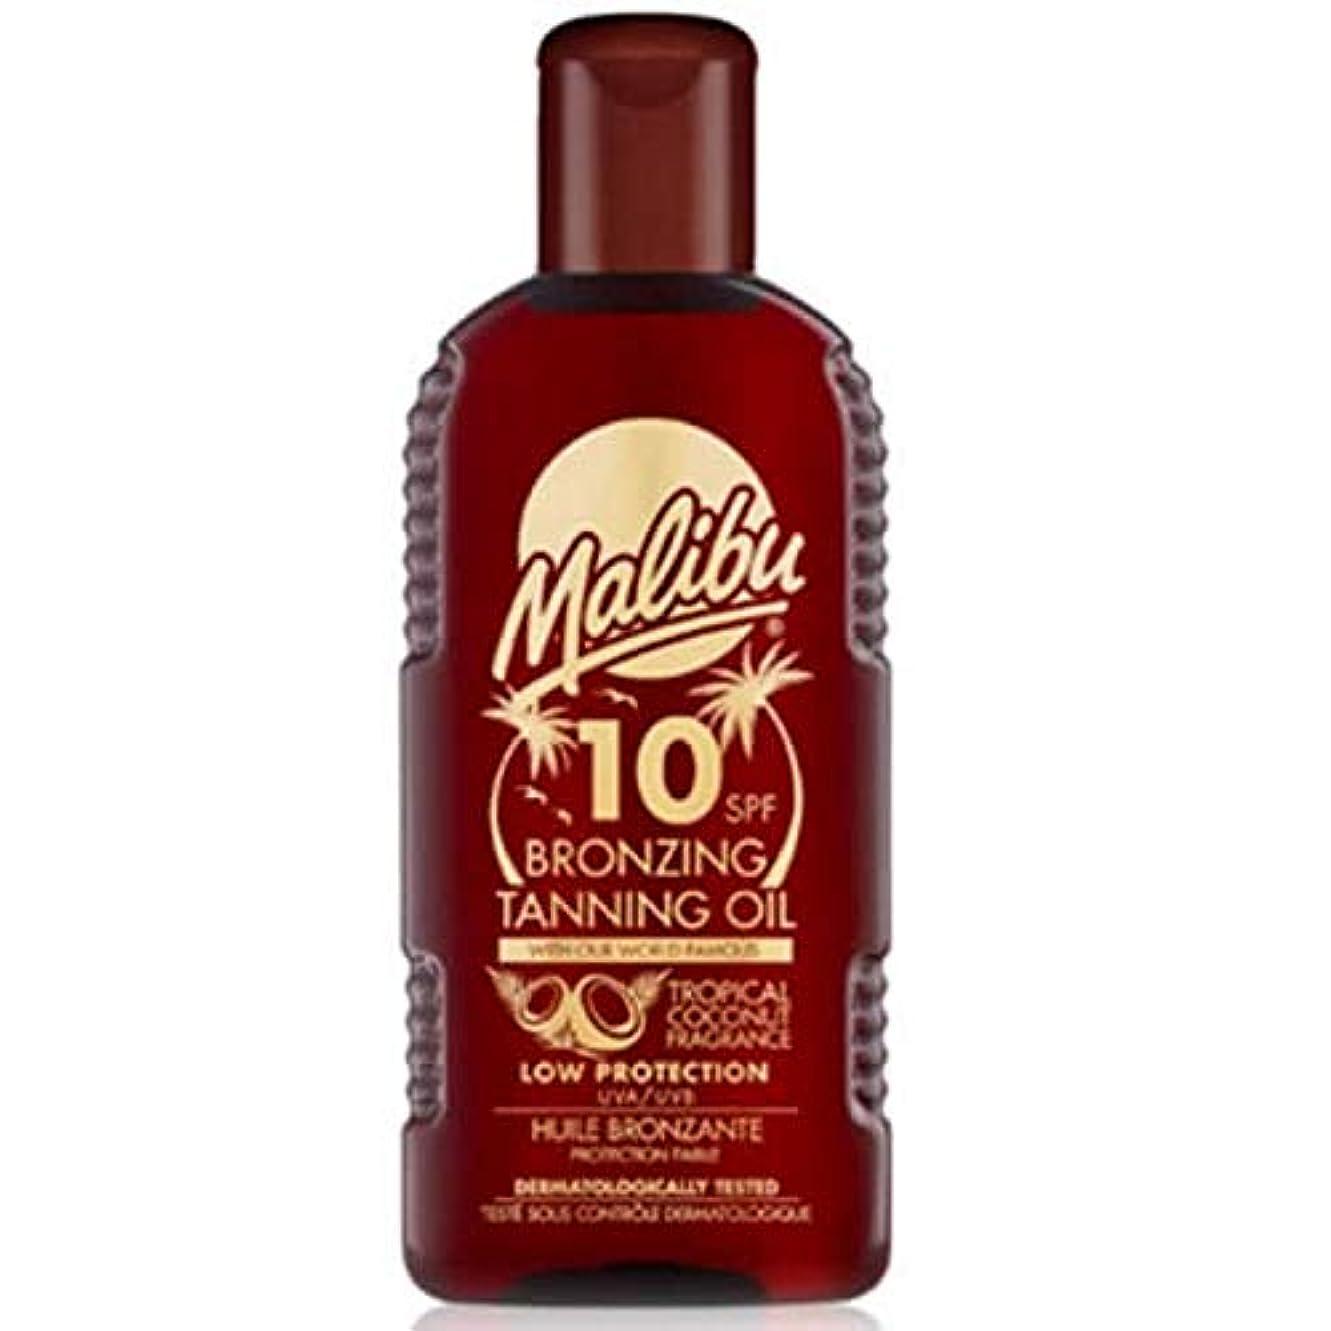 リーフレット出血ボクシング[Malibu ] マリブブロンズ日焼けオイルSpf 10 - Malibu Bronzing Tanning Oil SPF 10 [並行輸入品]